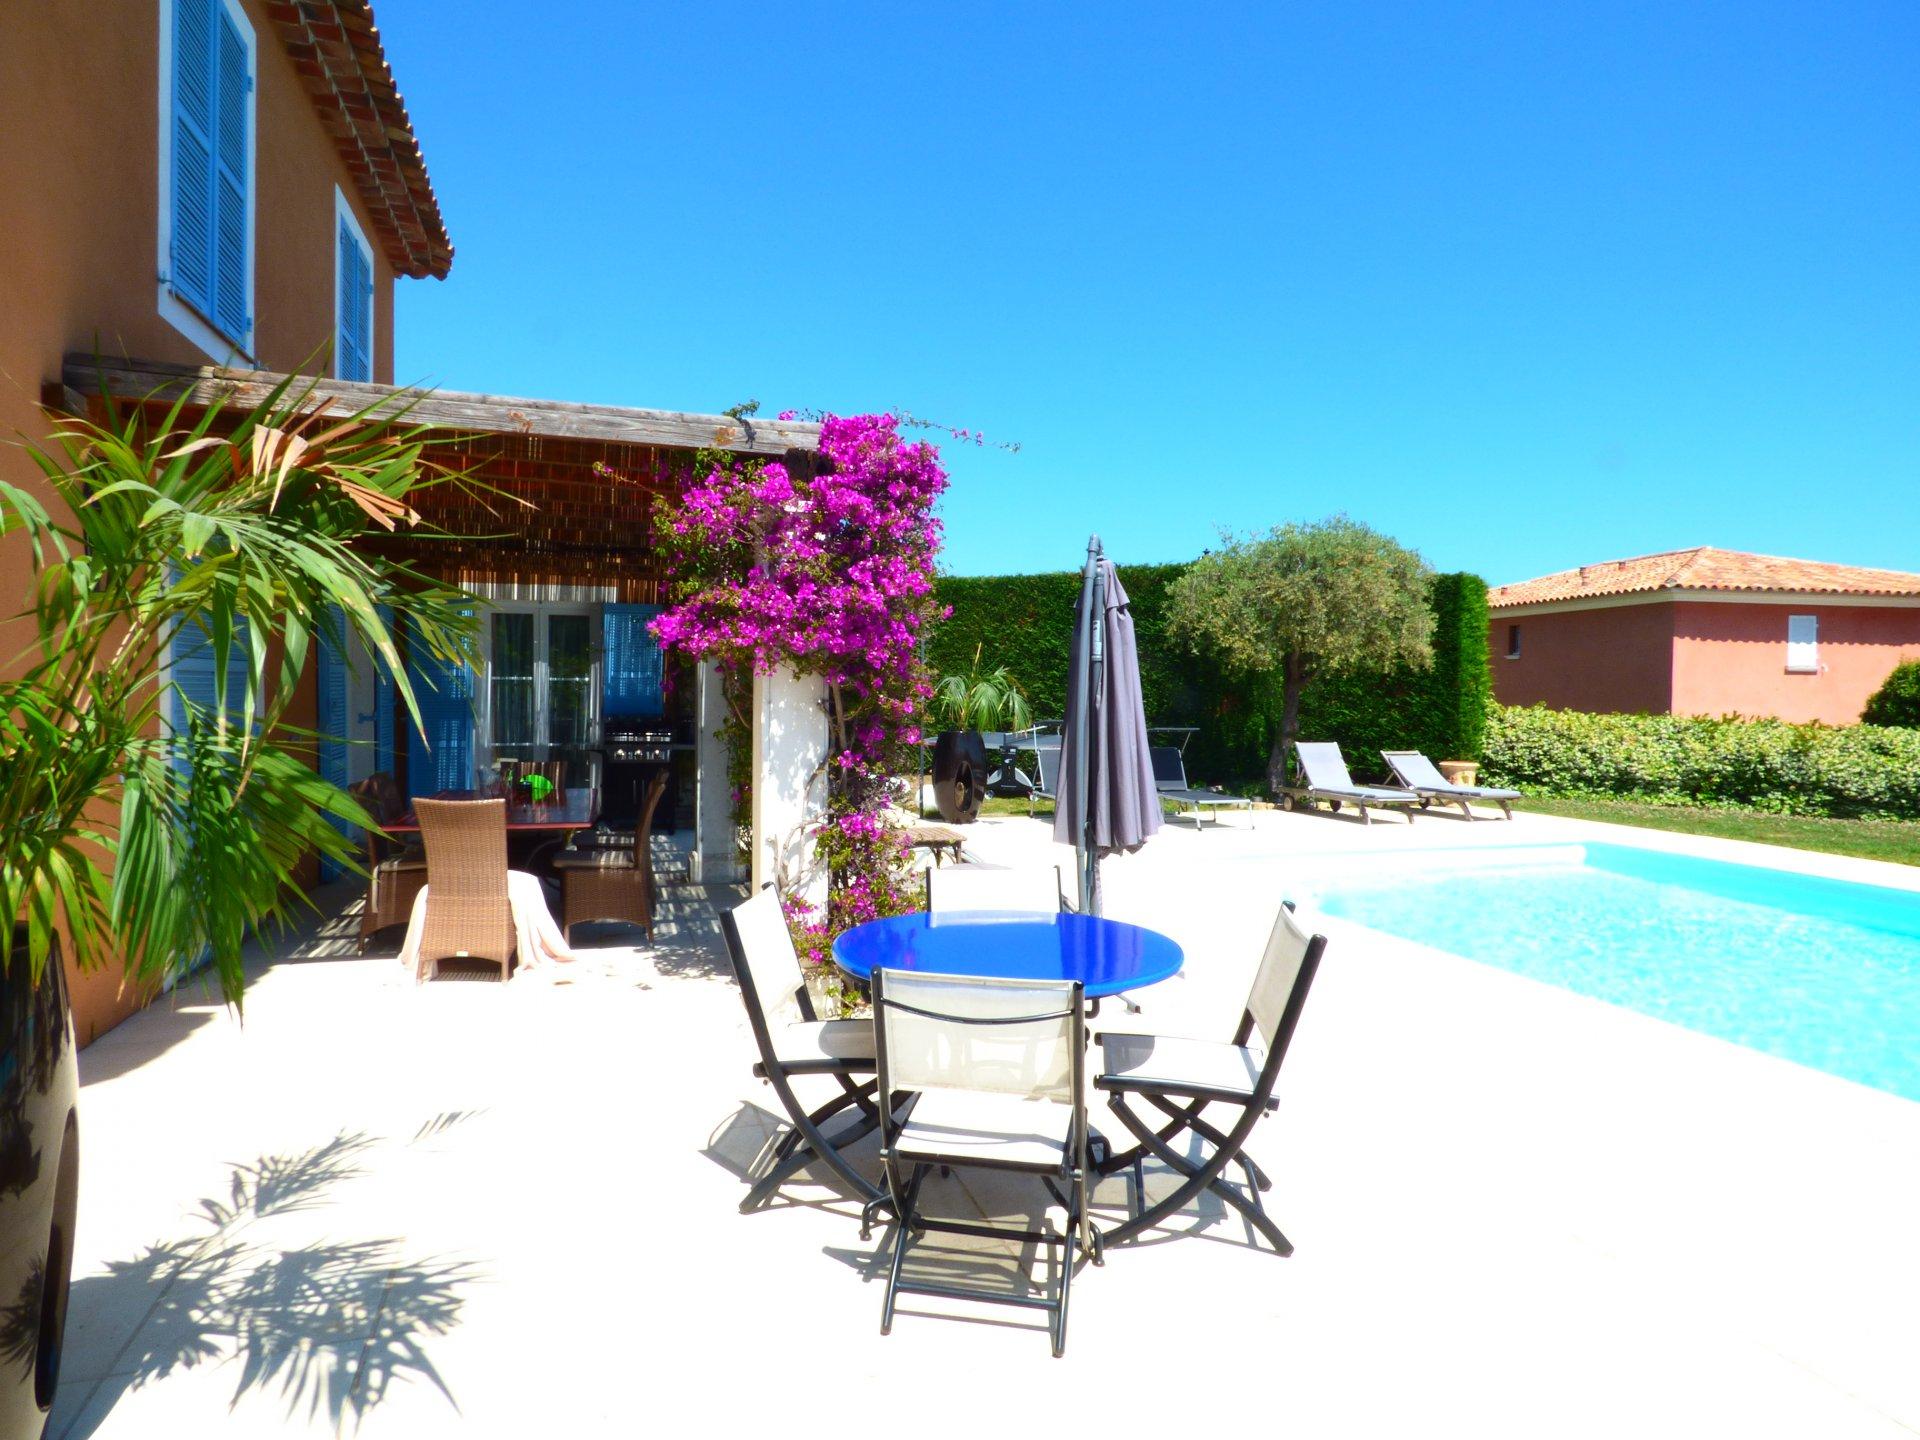 Villa sulla Riviera in vendita, vista mare, piscina, nuovo stato ha Biot Villeneuve Loubet, dominio sicuro